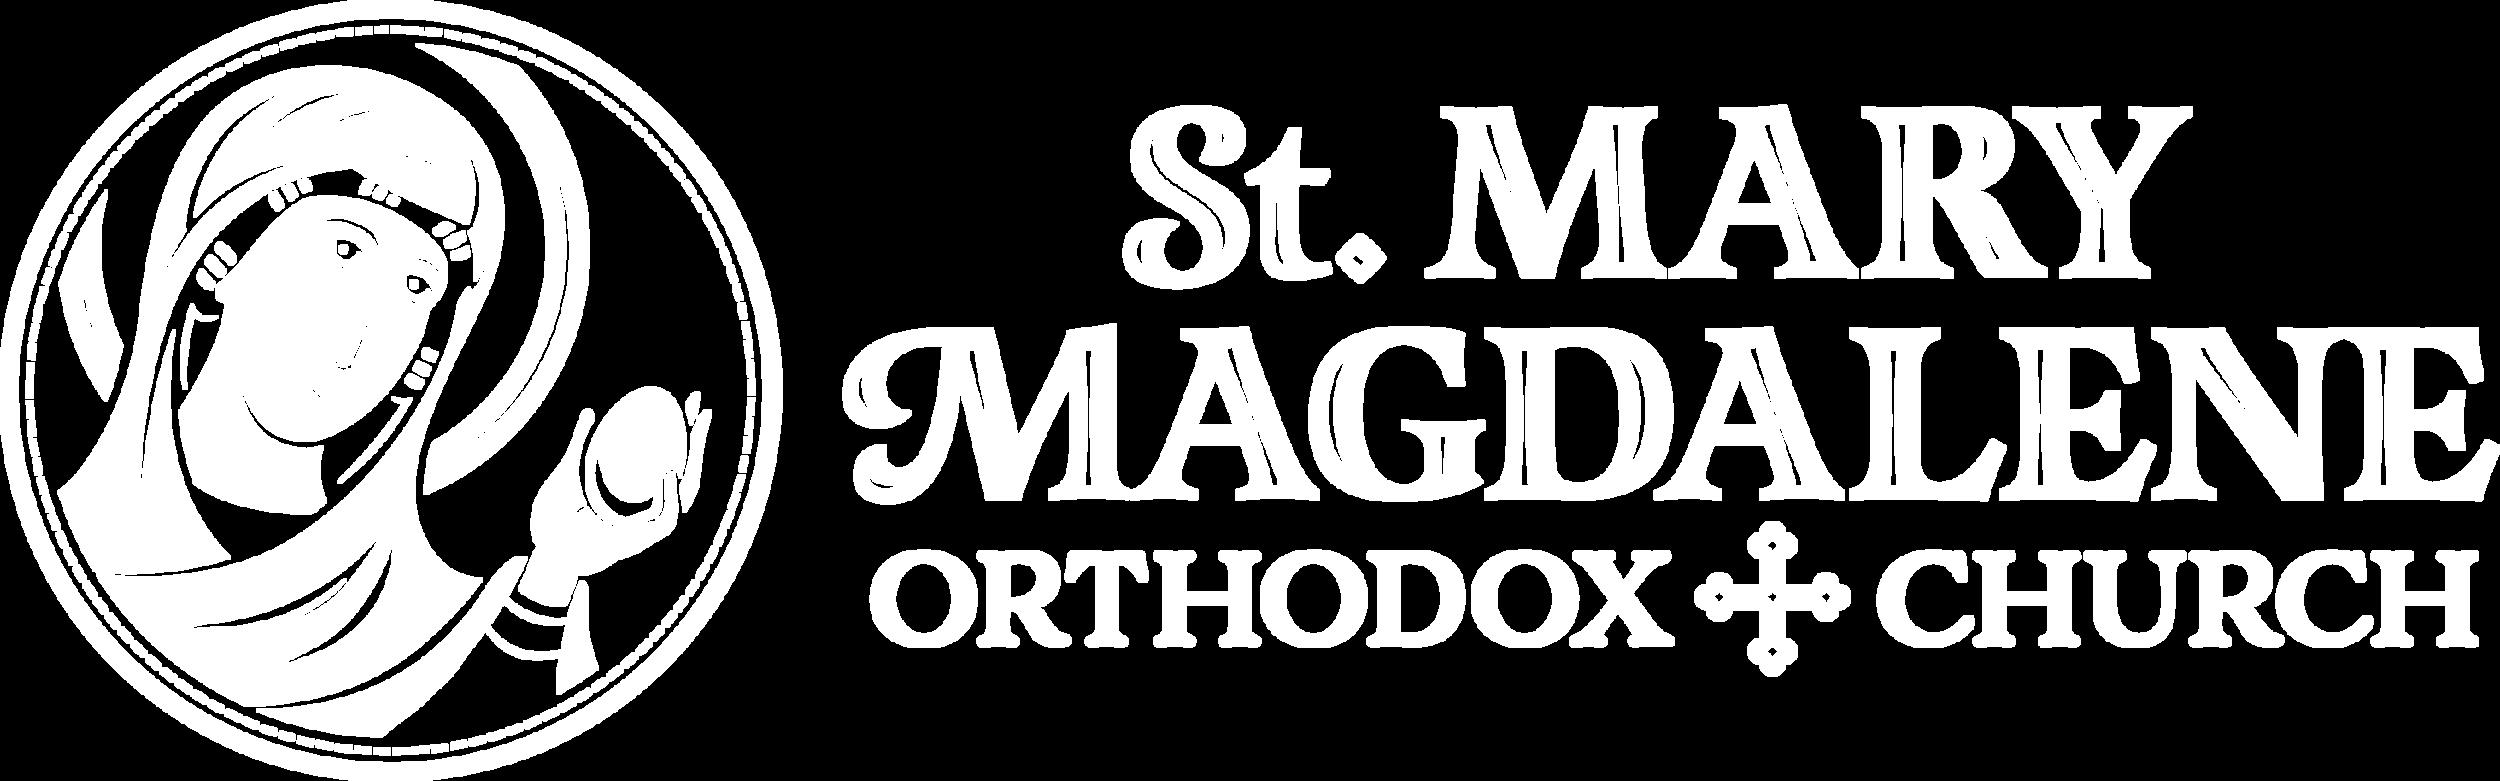 02_StMM_logo_horiz_reversed.png